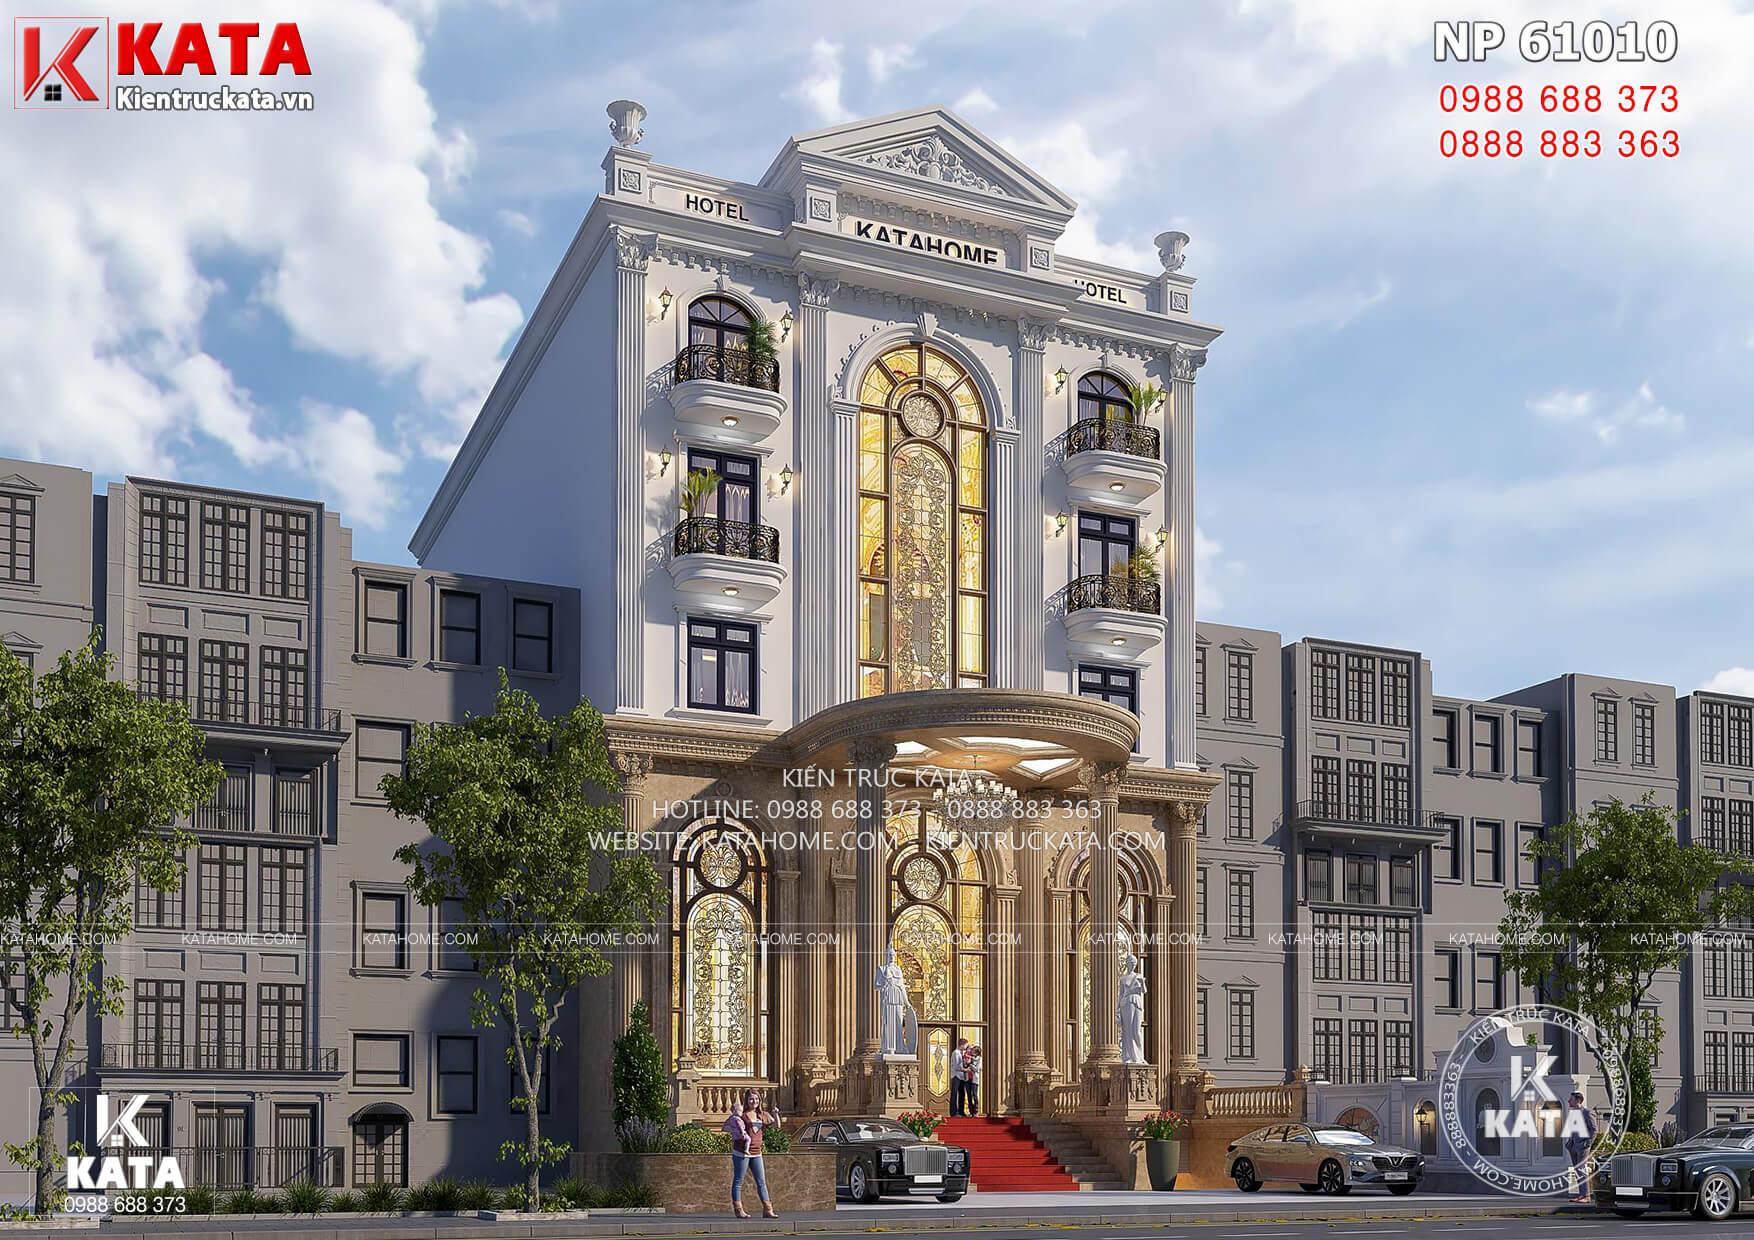 Mẫu thiết kế khách sạn đẹp 3 sao mặt tiền 15m - NP 61010